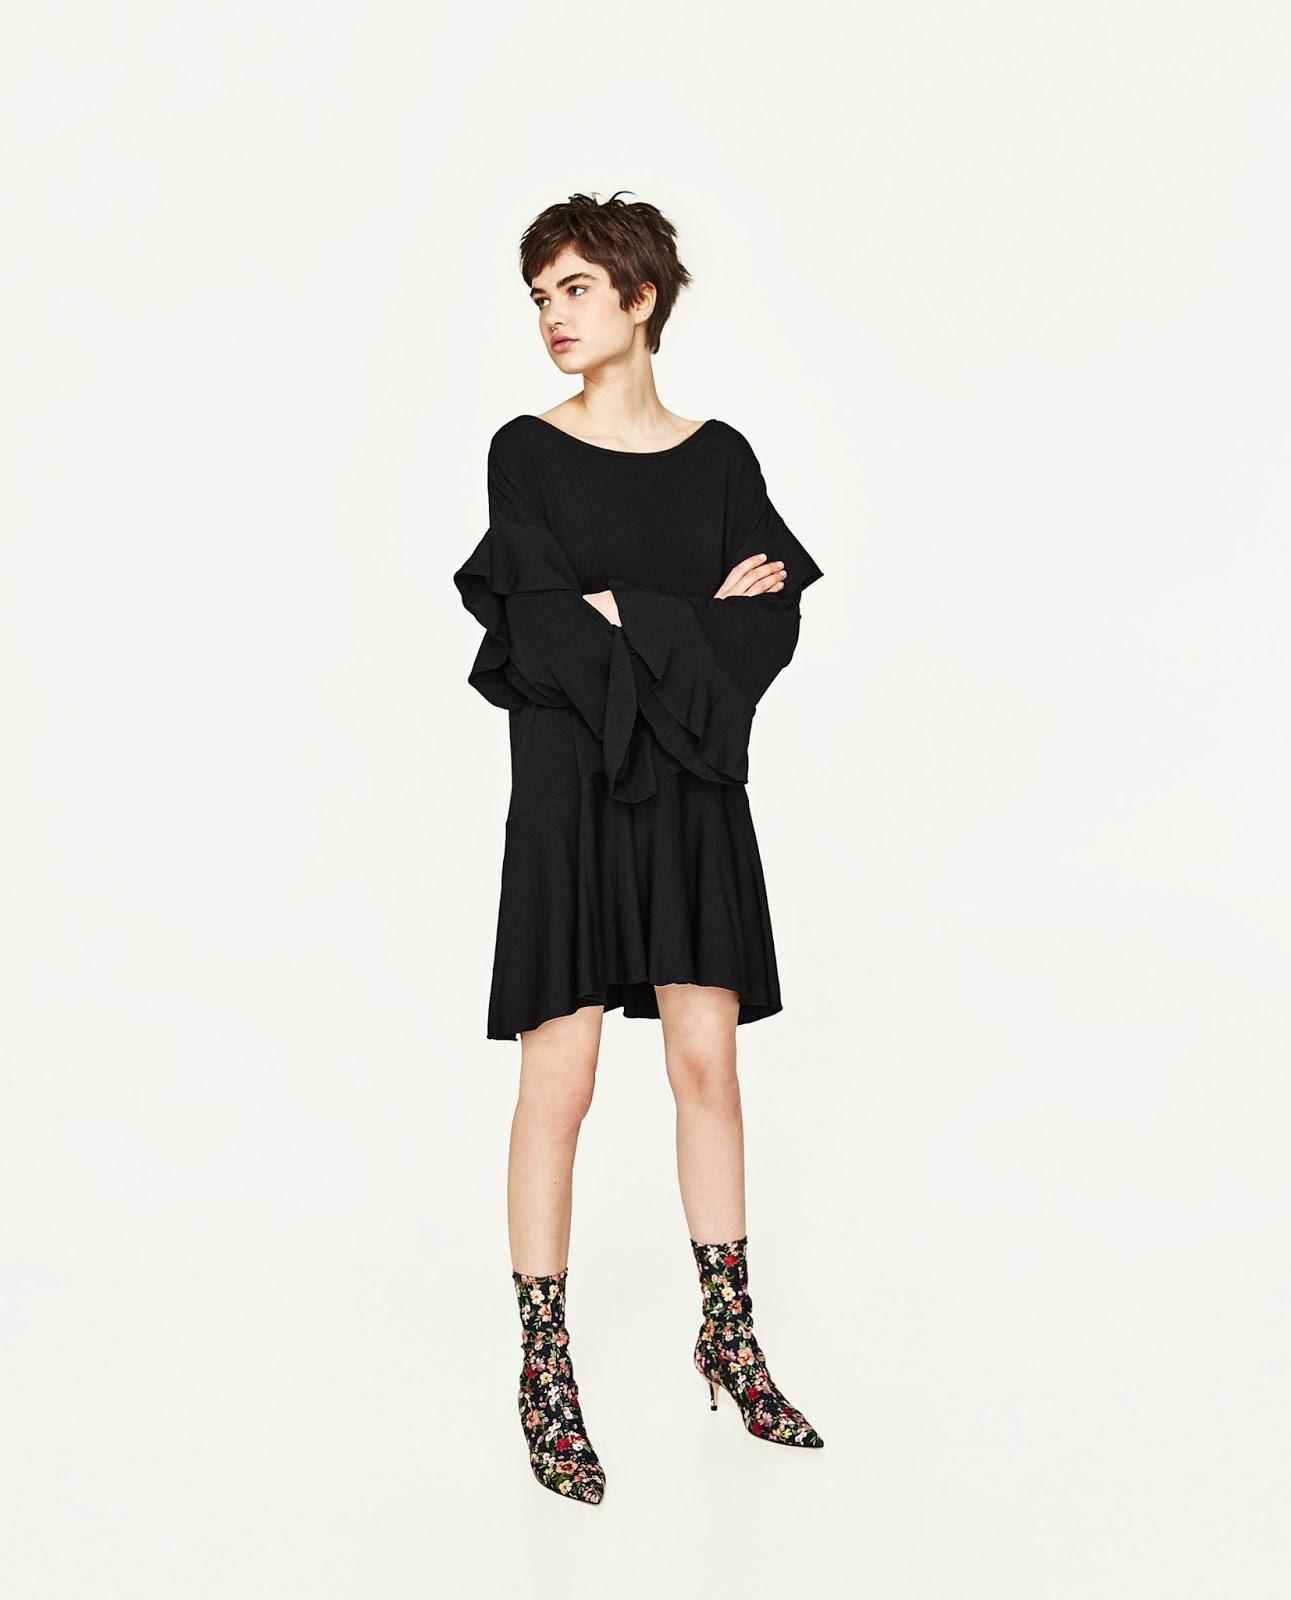 ZARA czarna sukienka z falbankami, wyprzedaż w Zarze, co kupić na wyprzedaży